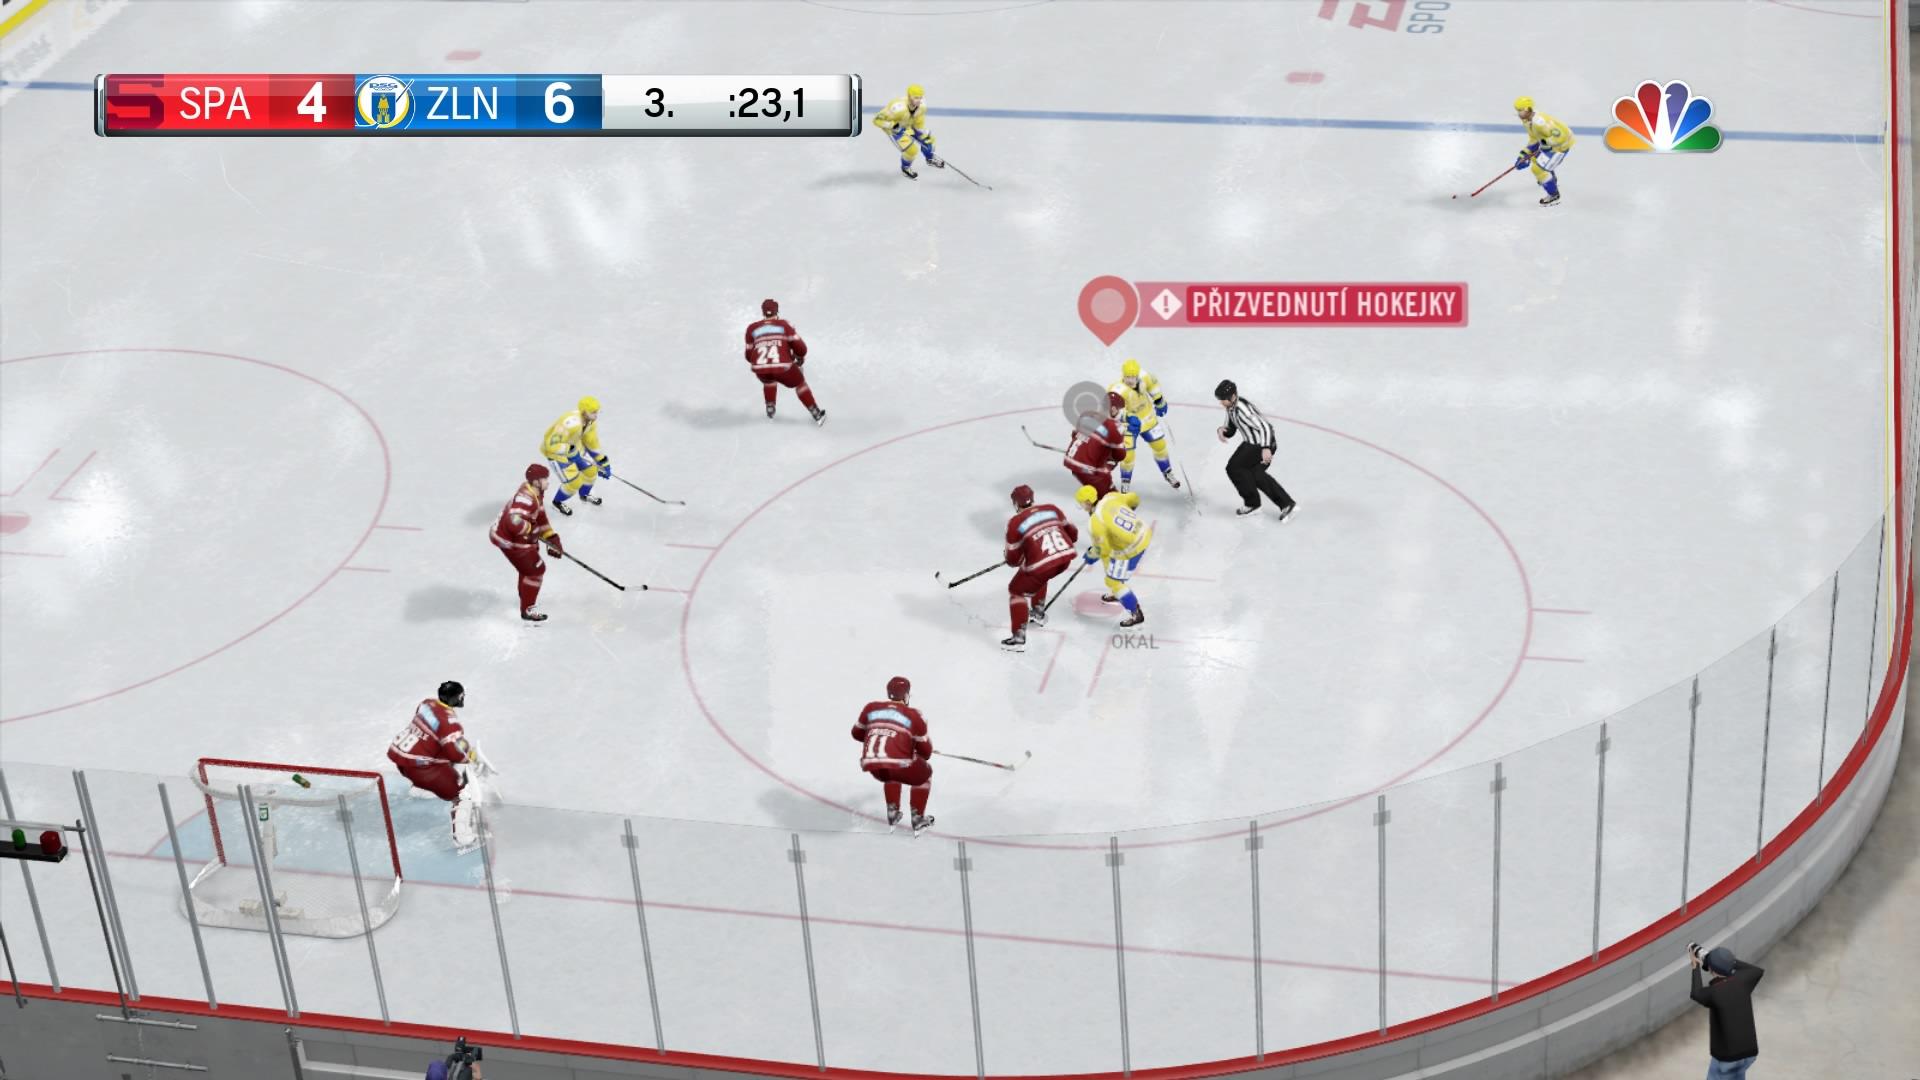 NHL 16 – nazout brusle, oprášit hokejky 115718